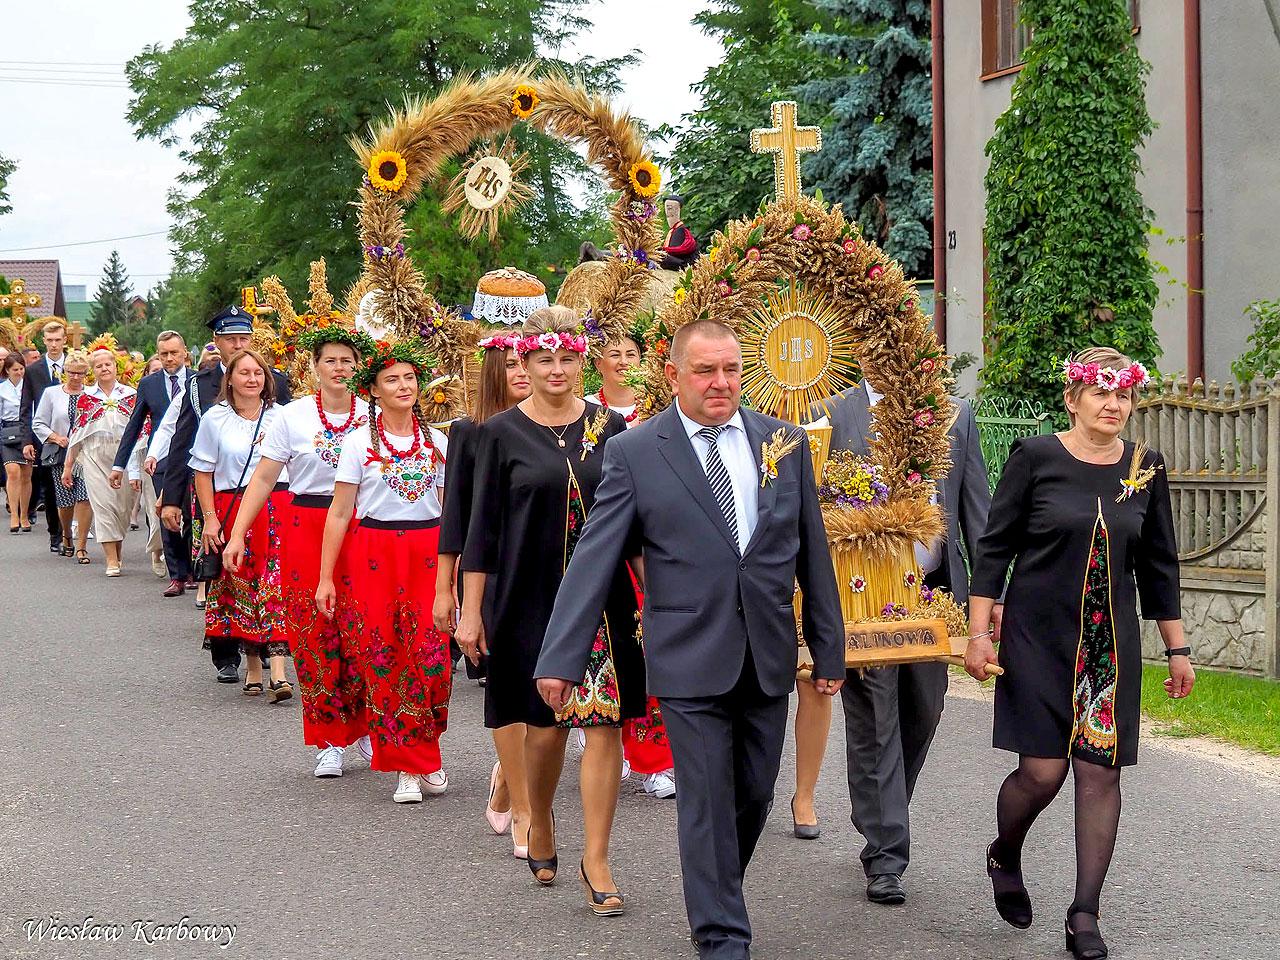 Gm. Turek: Rolnicy i ogrodnicy świętowali w Kalinowej